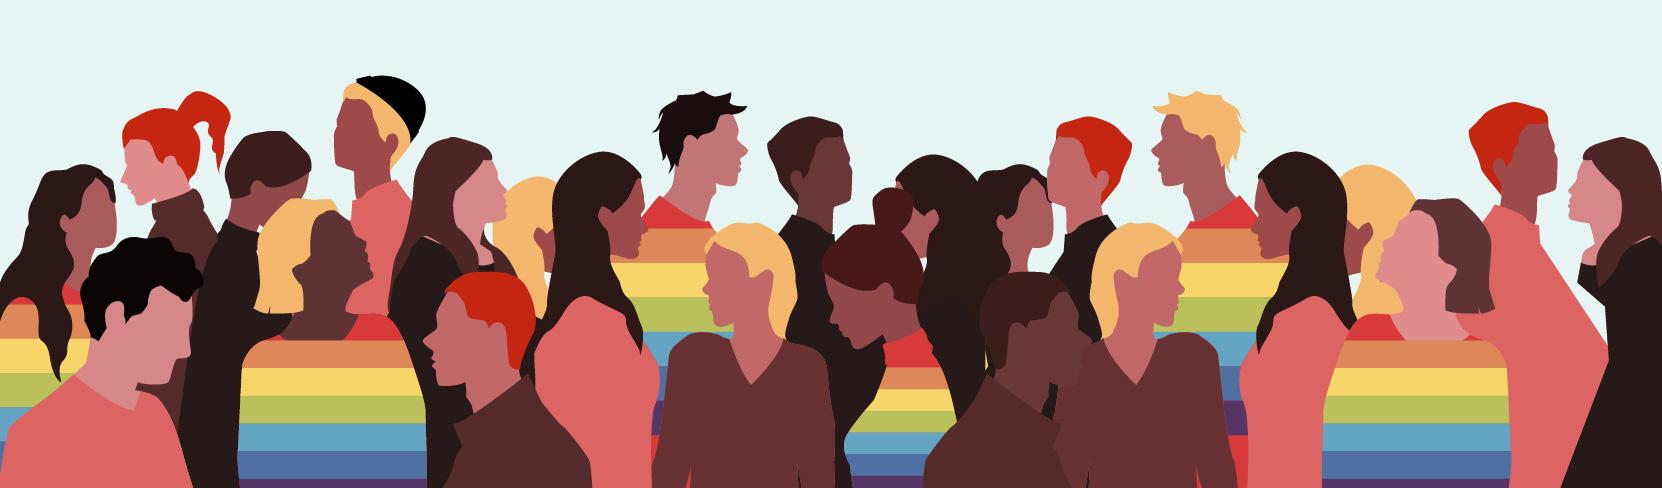 Diverse Menschenmenge mit Regenbogen auf der Oberbekleidung